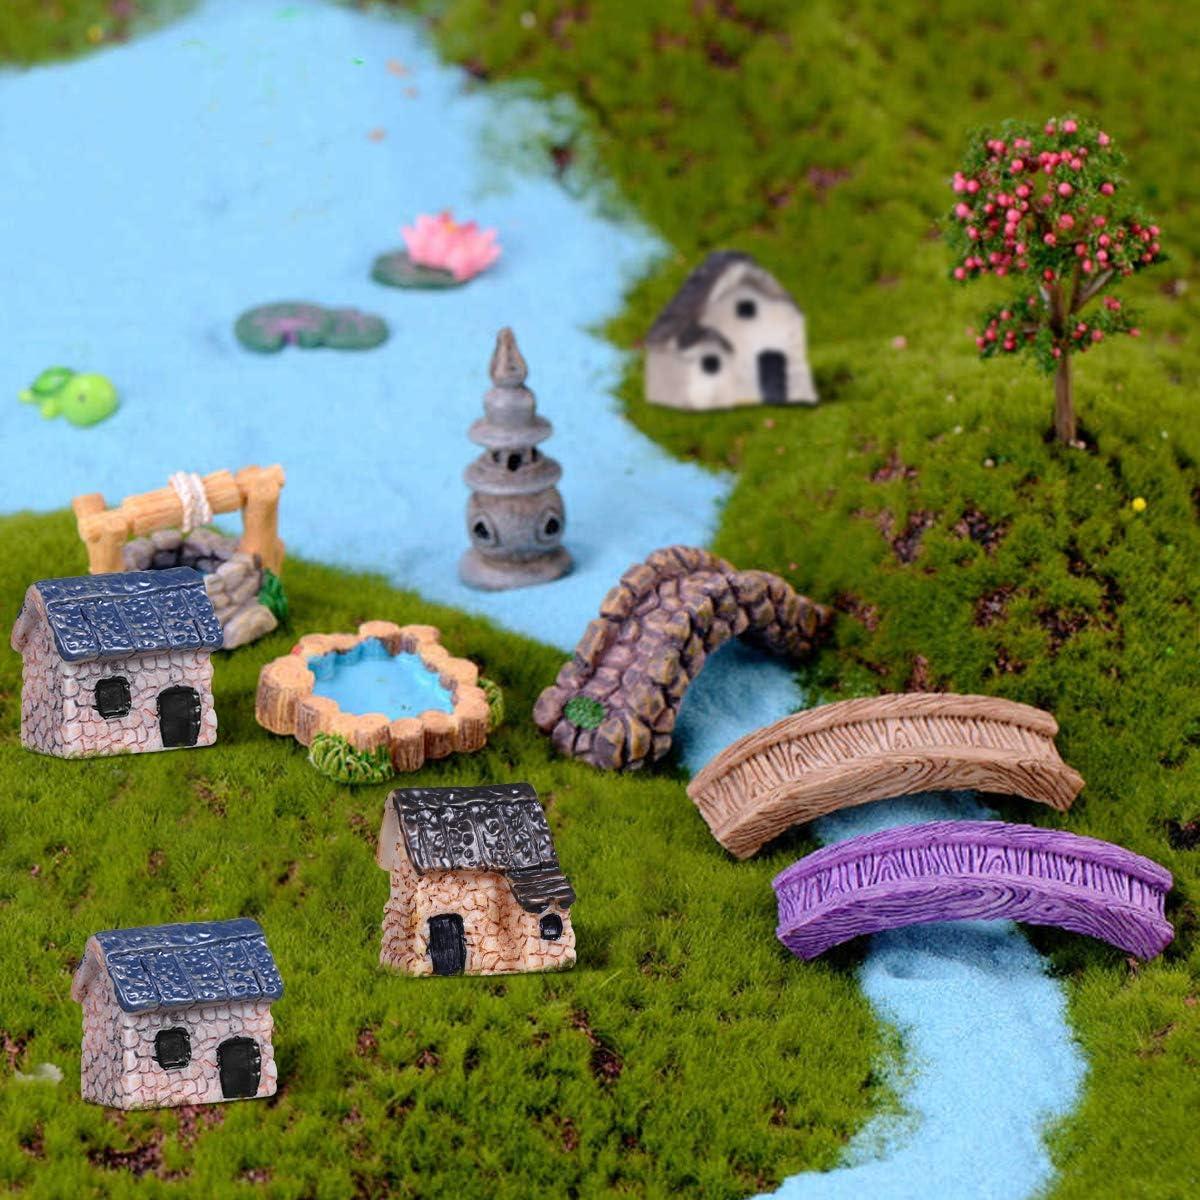 Bleu FUWUX-Home D/écorations De Jardin Micro Paysage DIY D/écoration 2 Pcs Miniature R/ésine Lollipop Dollhouse F/ée